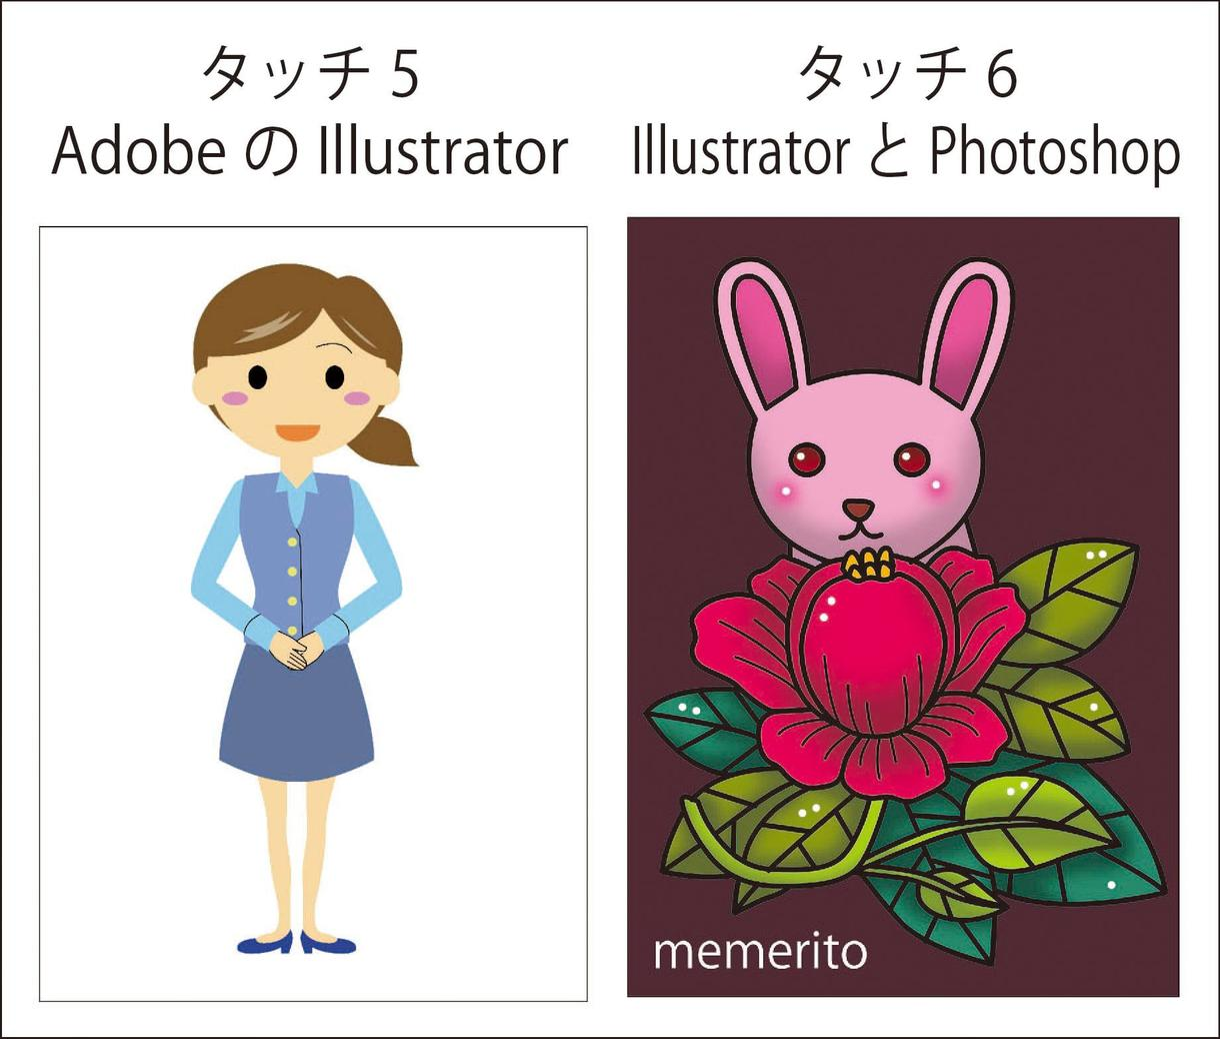 イラスト描きます デザイン歴15年。印刷会社、デザイン事務所のち独立。